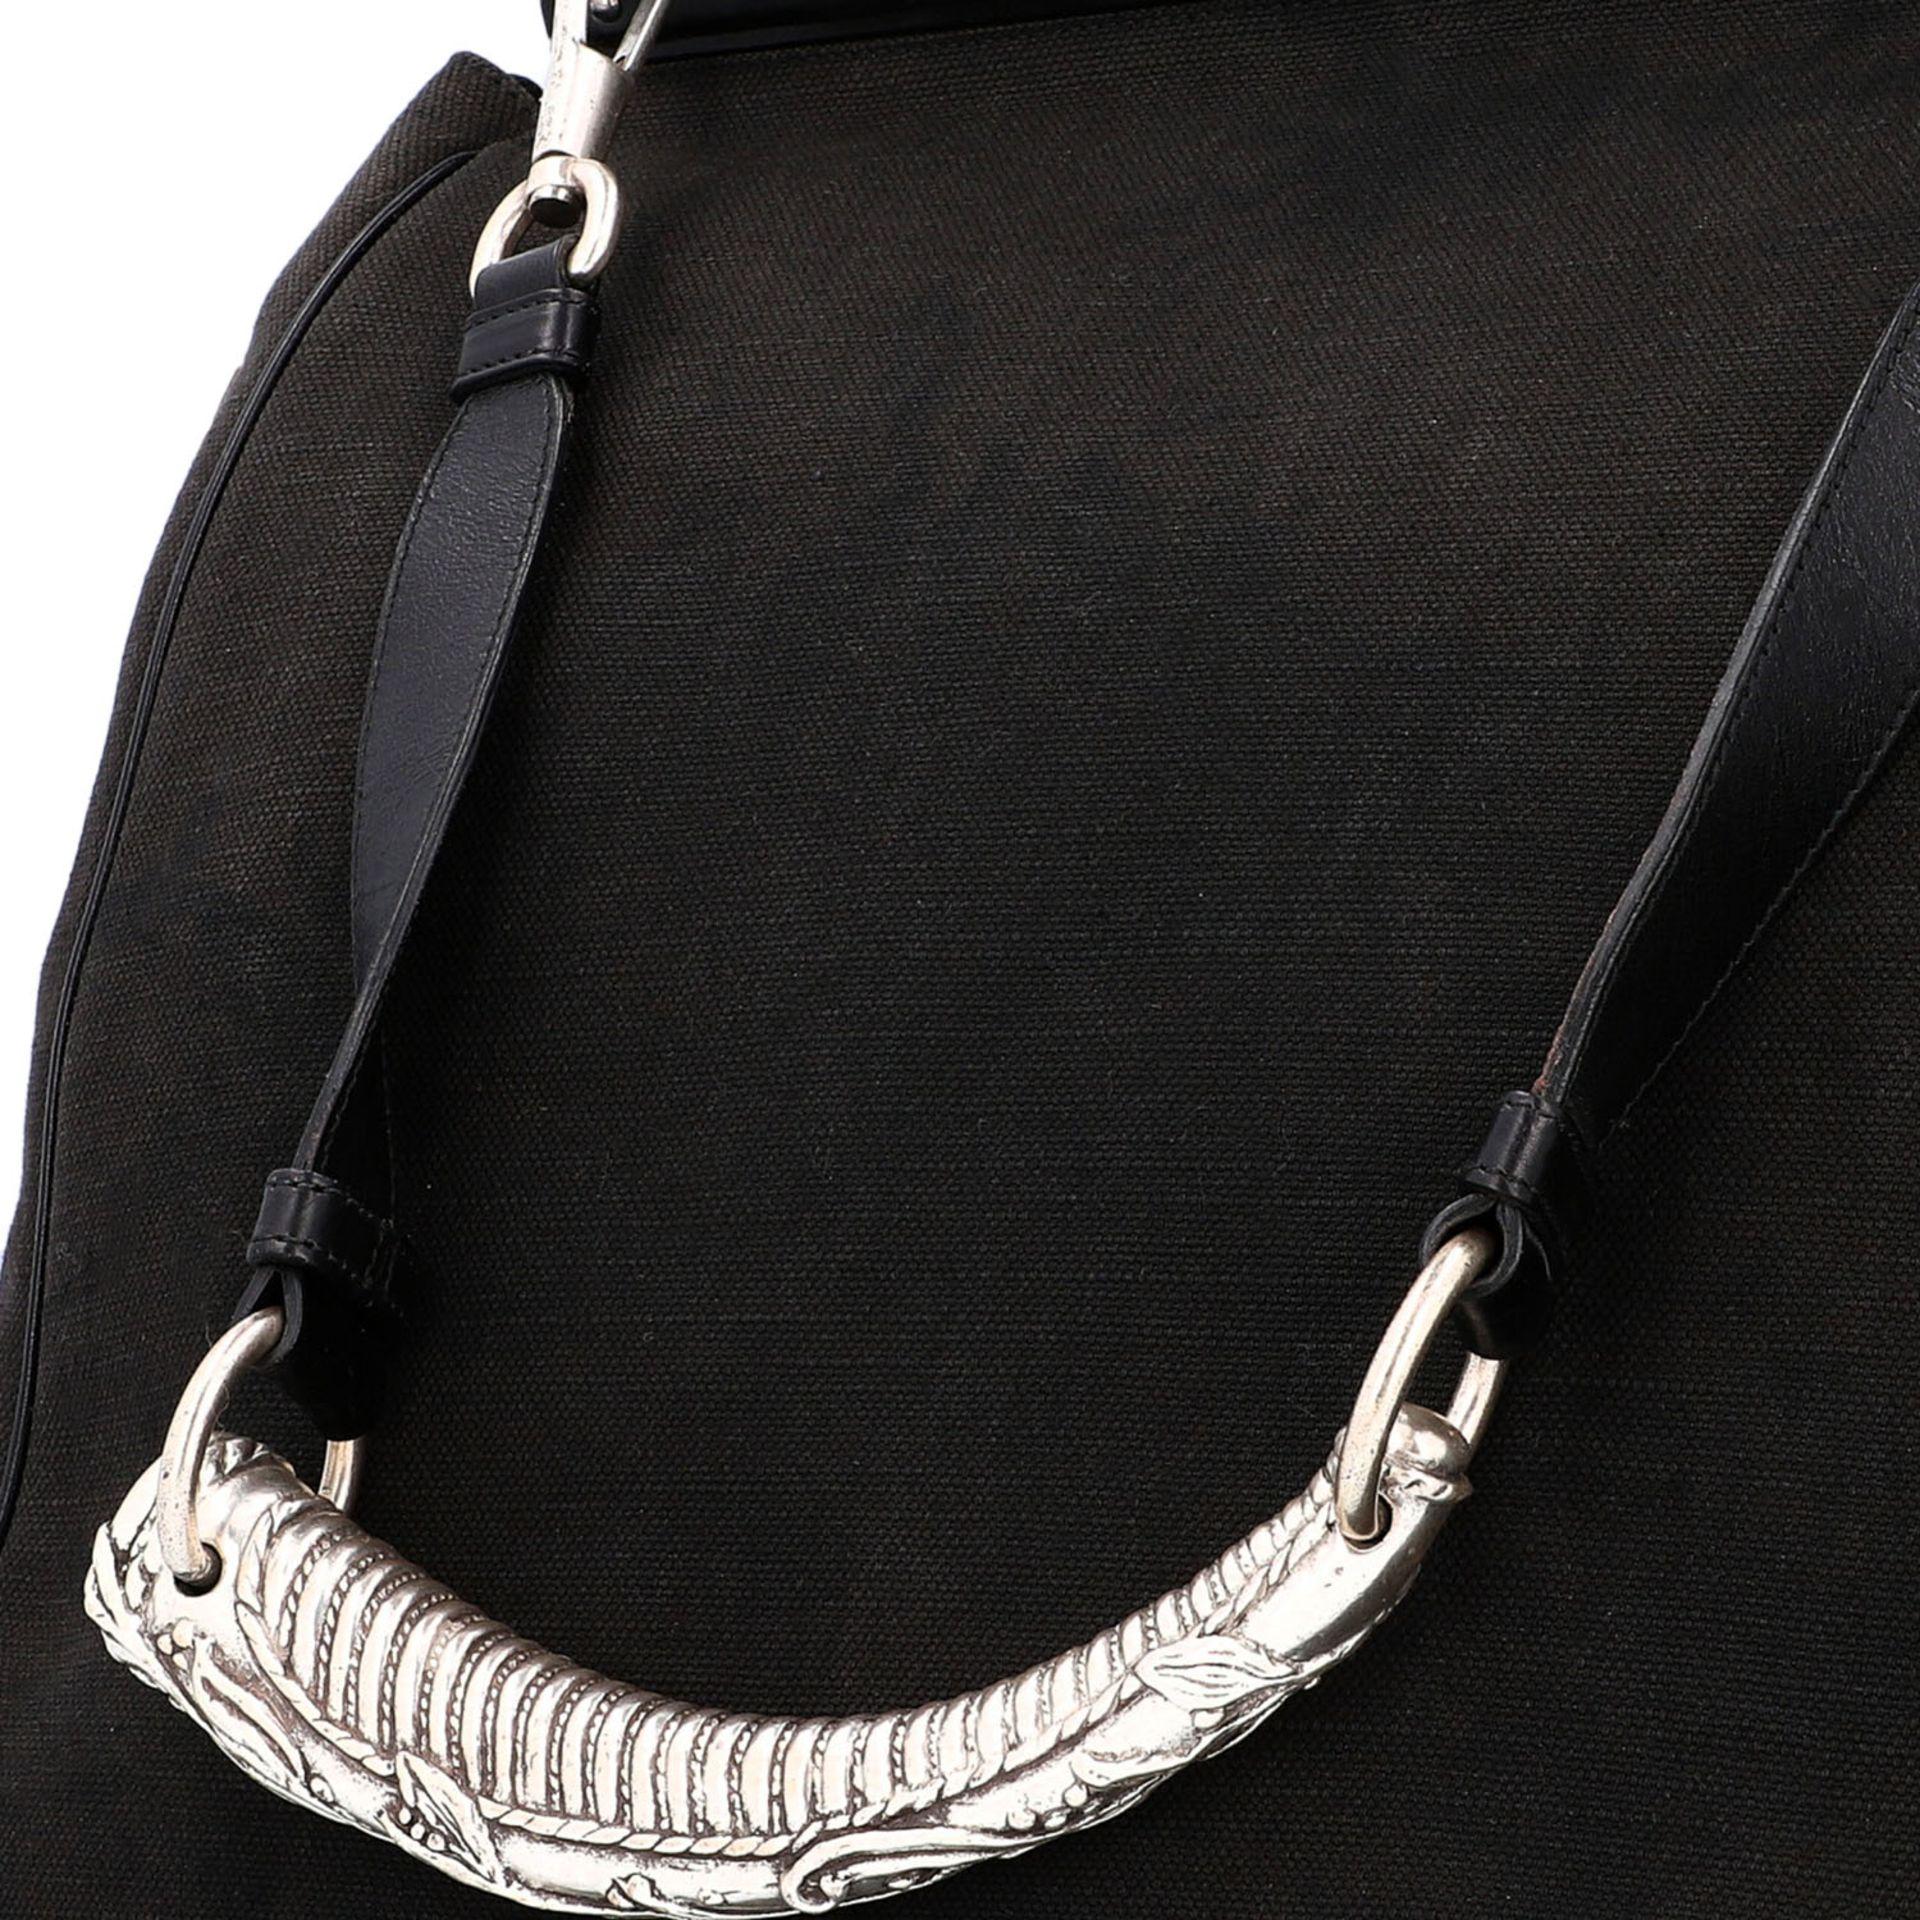 YVES SAINT LAURENT VINTAGE Handtasche. Schwarzes Modell aus Textil mit schwarzem Über - Image 7 of 8